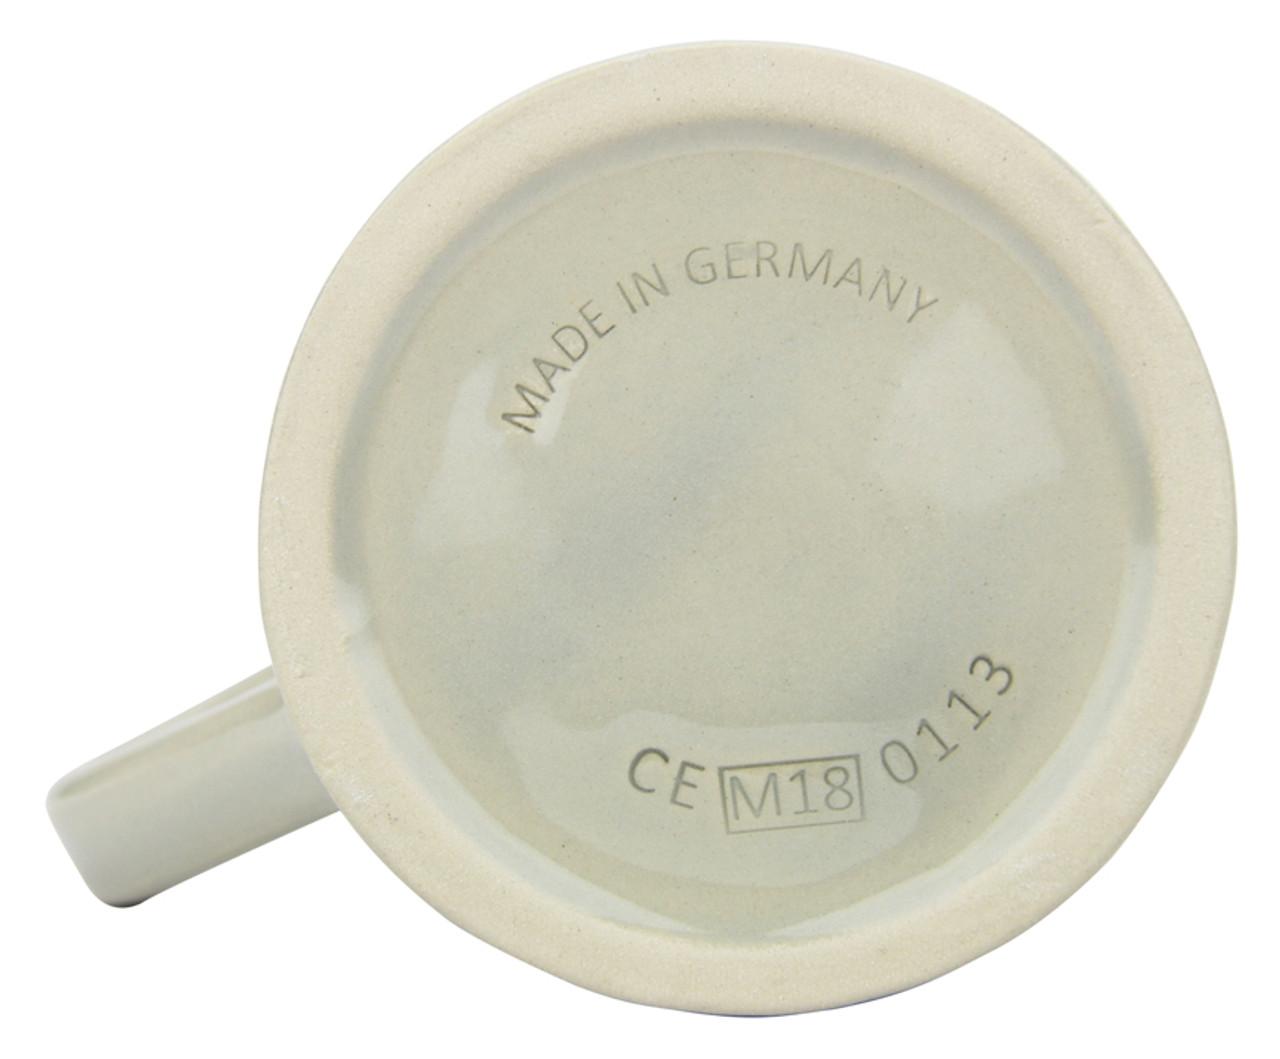 German Stoneware Beer Mug 7 Liter